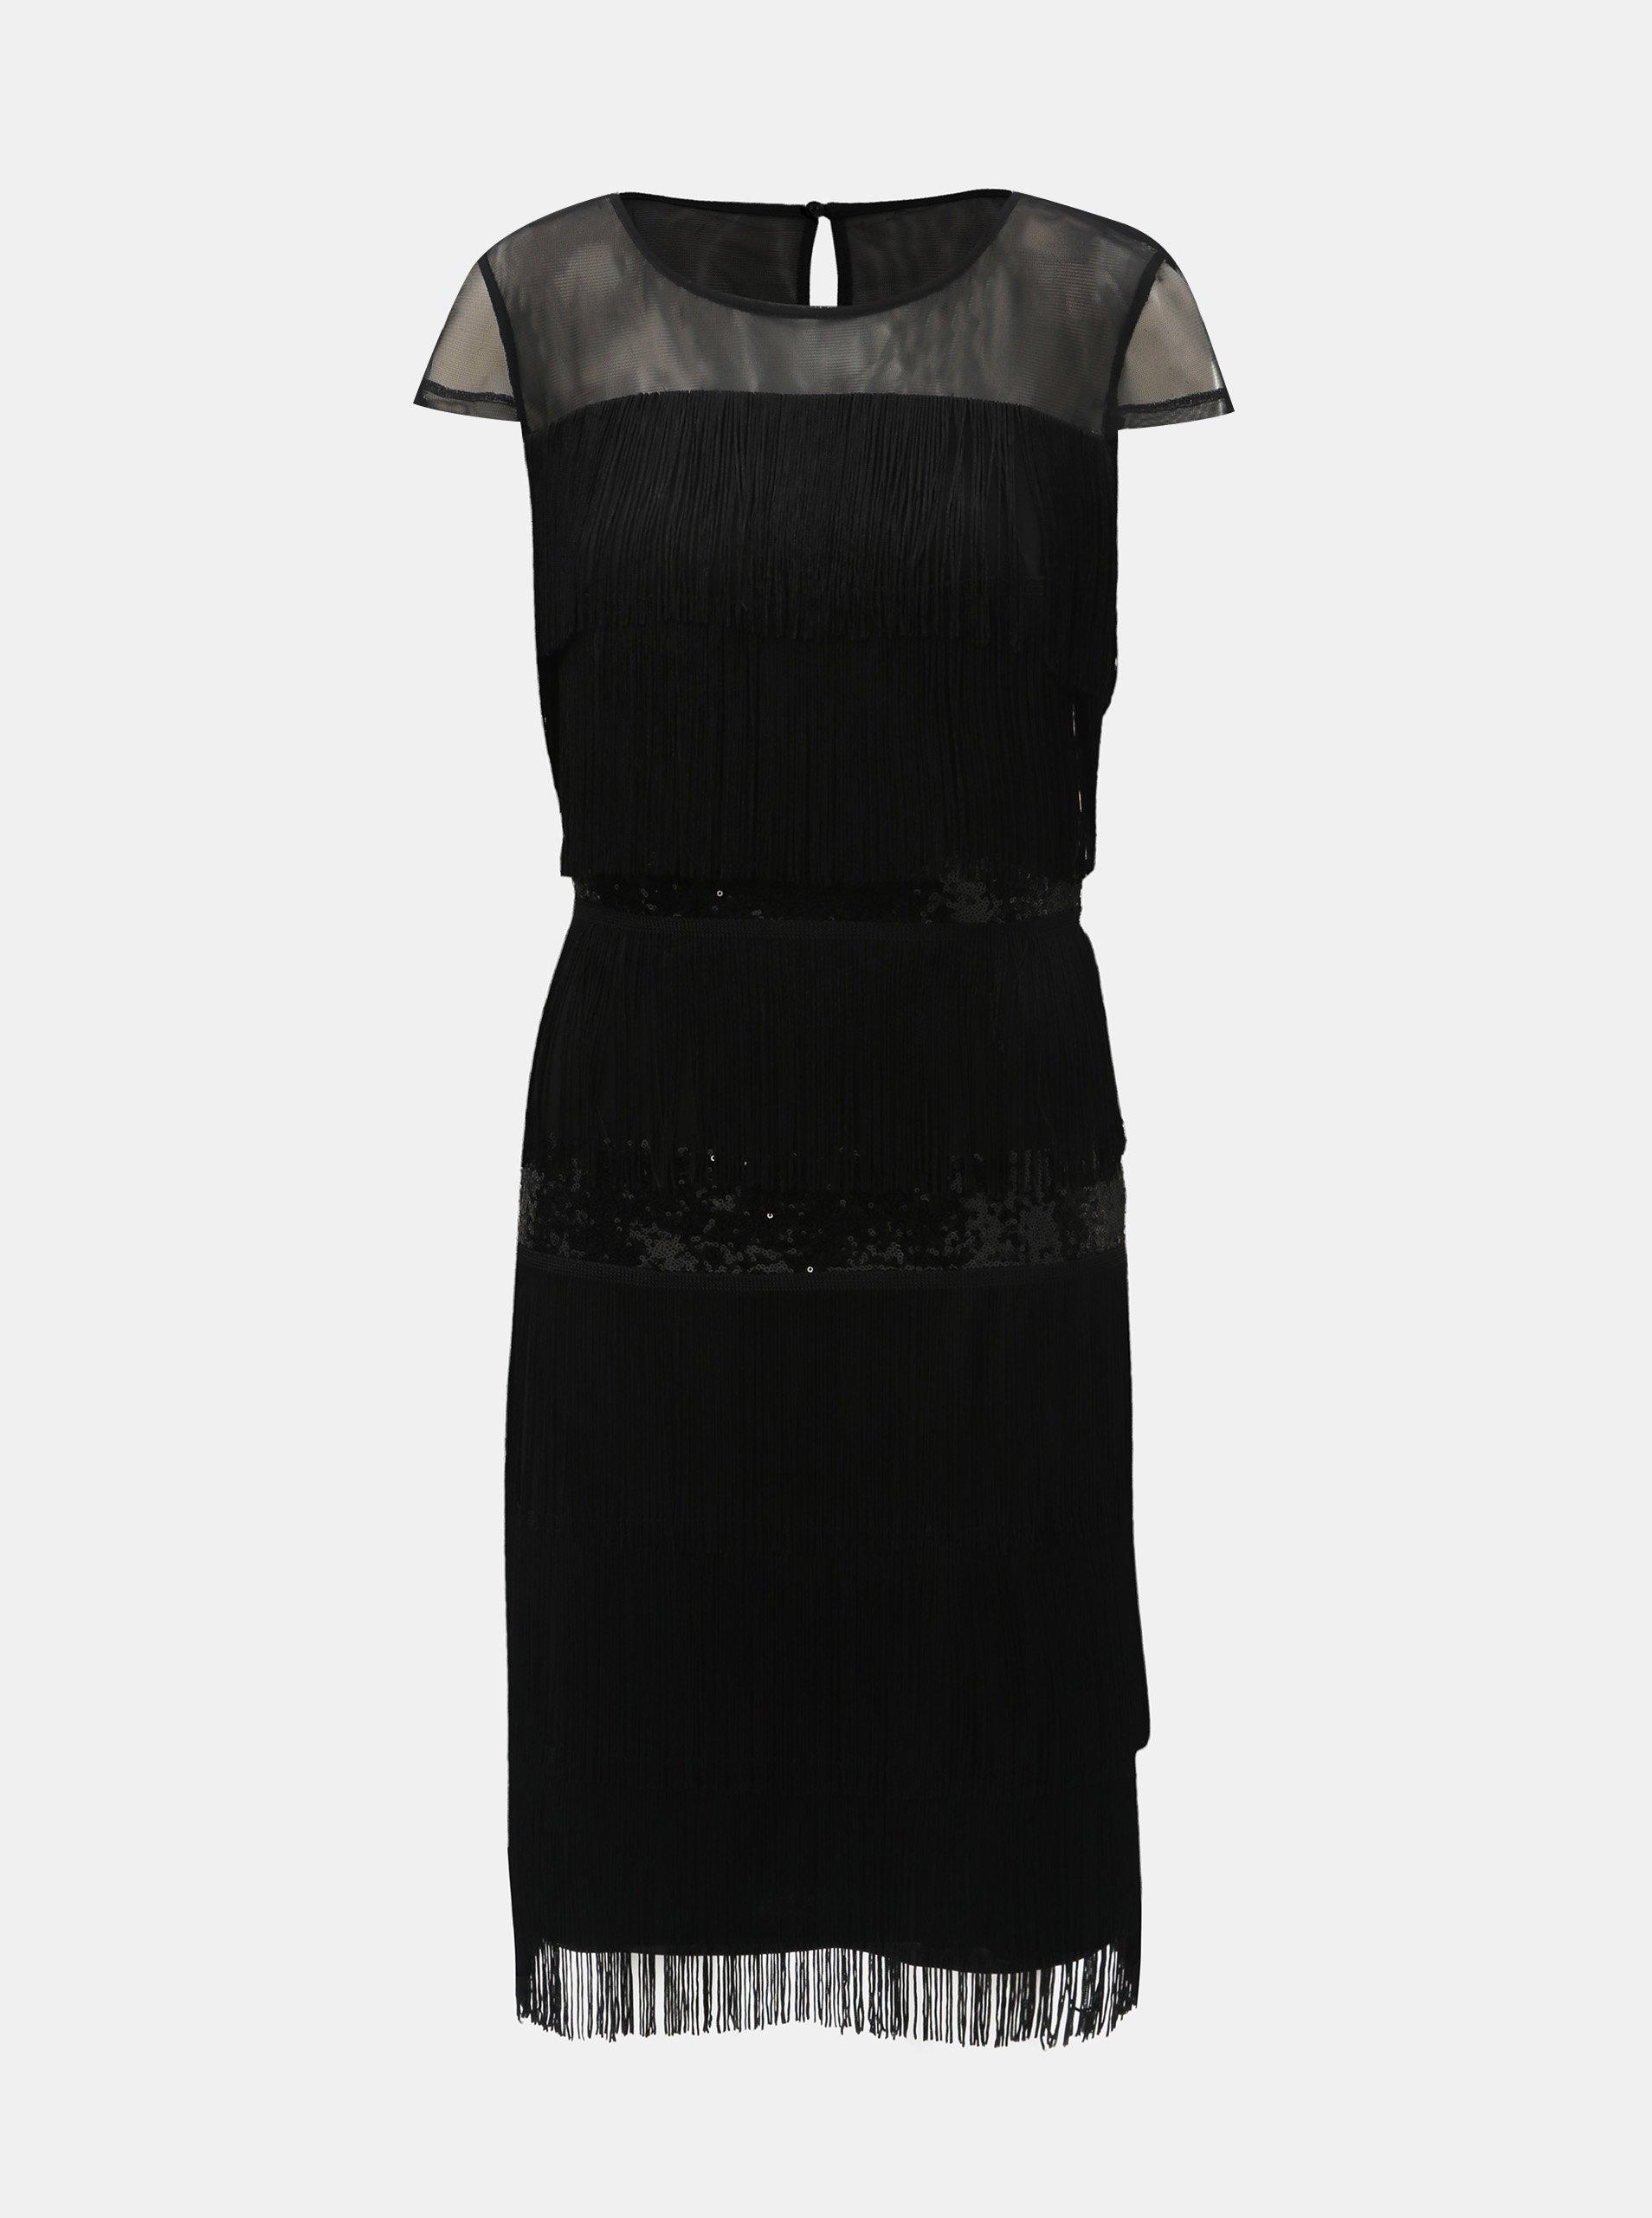 89d5a62311 Čierne šaty so strapcami a flitrami Lily   Franc by Dorothy Perkins ...